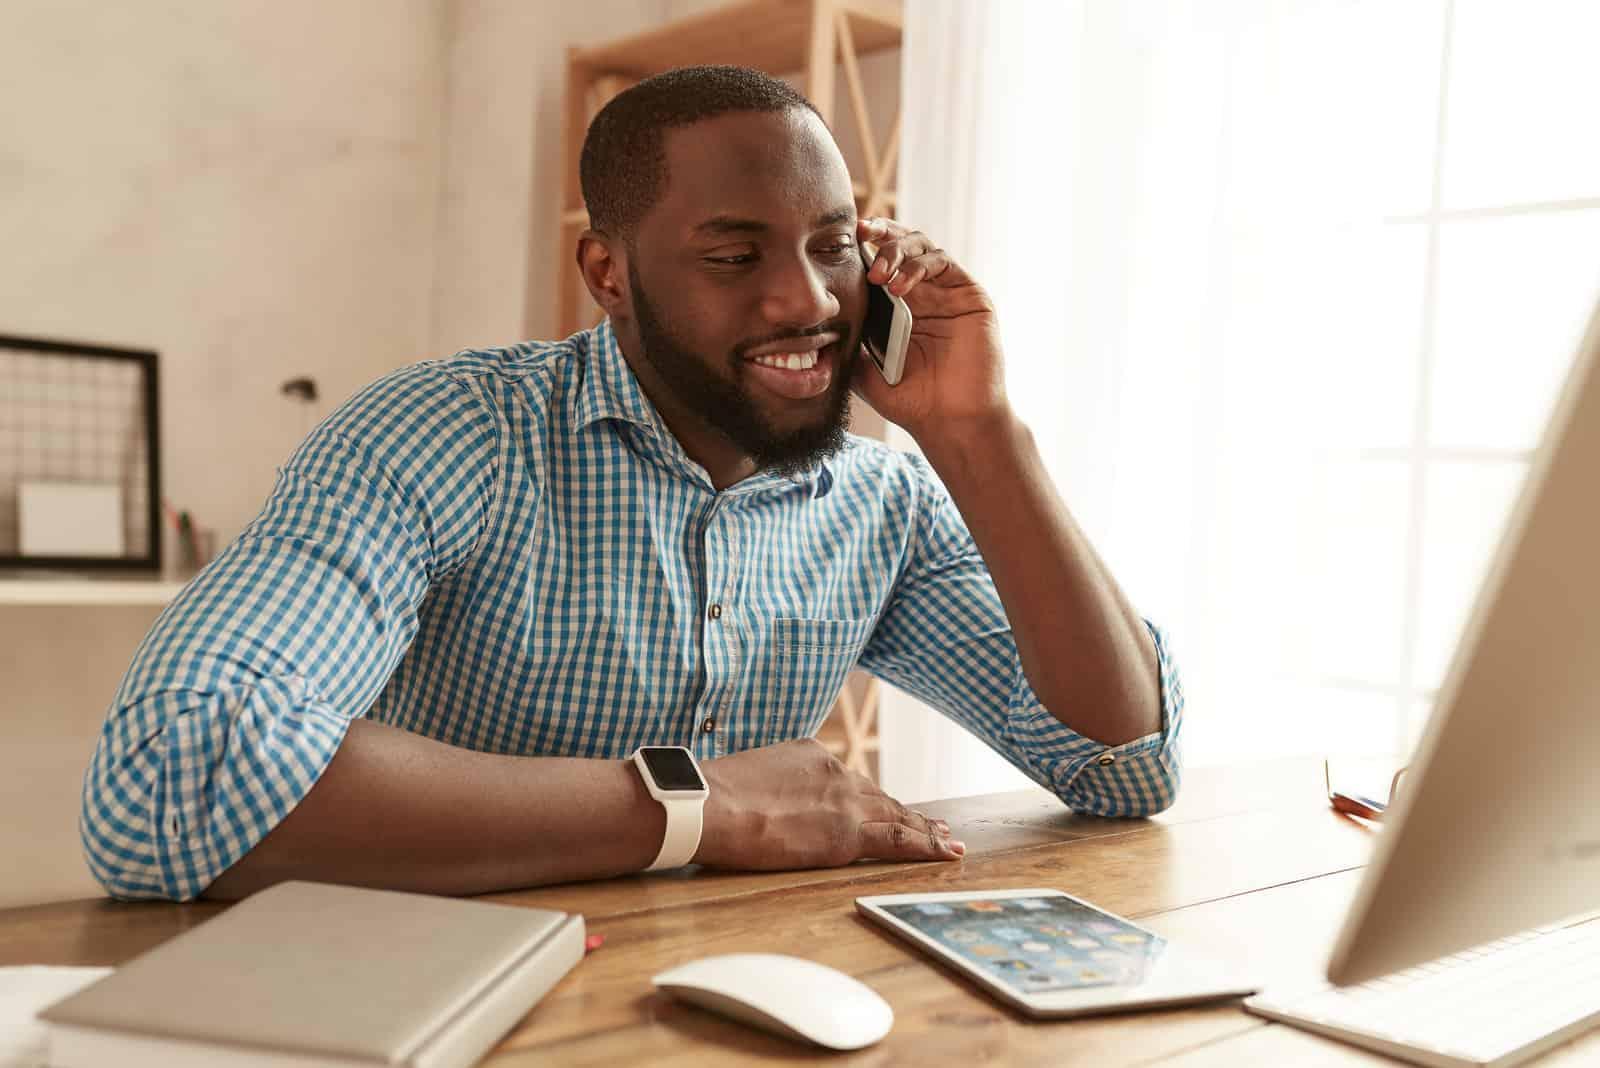 ein Mann sitzt an einem Tisch und telefoniert